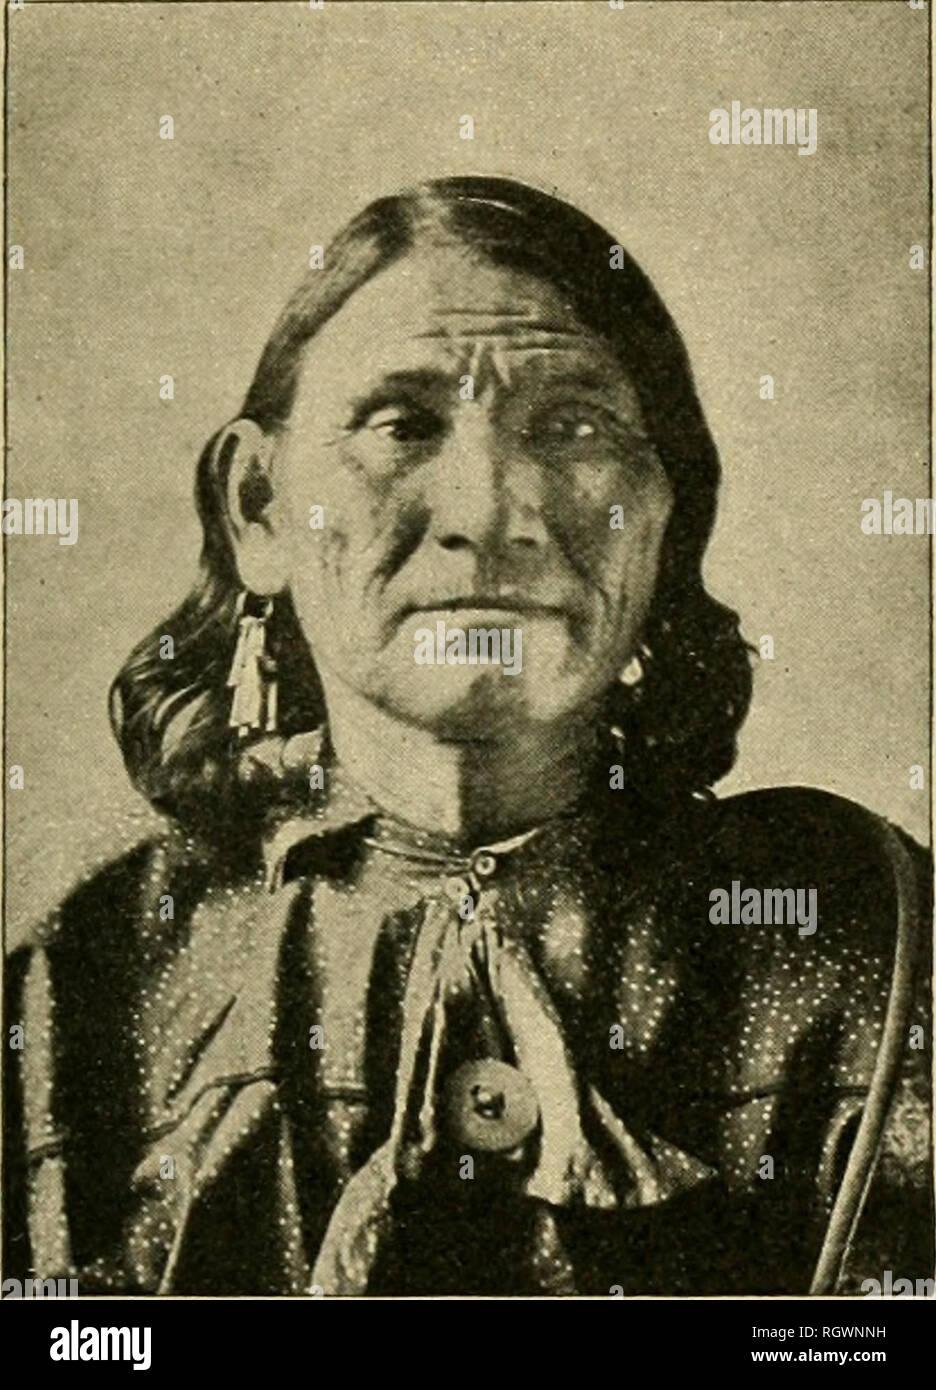 """. Bulletin. De l'ethnologie. BULL. 30] DELAWAEE 385 hommes, descendent plusieurs familles bien connues du Wisconsin et du Minnesota. (C. T.) Delaware. Une confédération, autrefois le plus important de l'algonquien stock, occupant l'ensemble du bassin de Georgia r. de K. en Pennsylvanie et s. f. New York, ainsi qu'une grande partie du New Jersey et du Delaware. Tliey Lenapeor eux-mêmes appelé Leni Lenape, à l'équivalent de """"vrais hommes"""" ou """"les hommes autochtones, véritable'; la fra- hsh savait que les Delawares, du nom de leur principal river; le Frencli appelés loups, 'les loups', un terme appliqué à l'origine probablement le ma- hic Banque D'Images"""